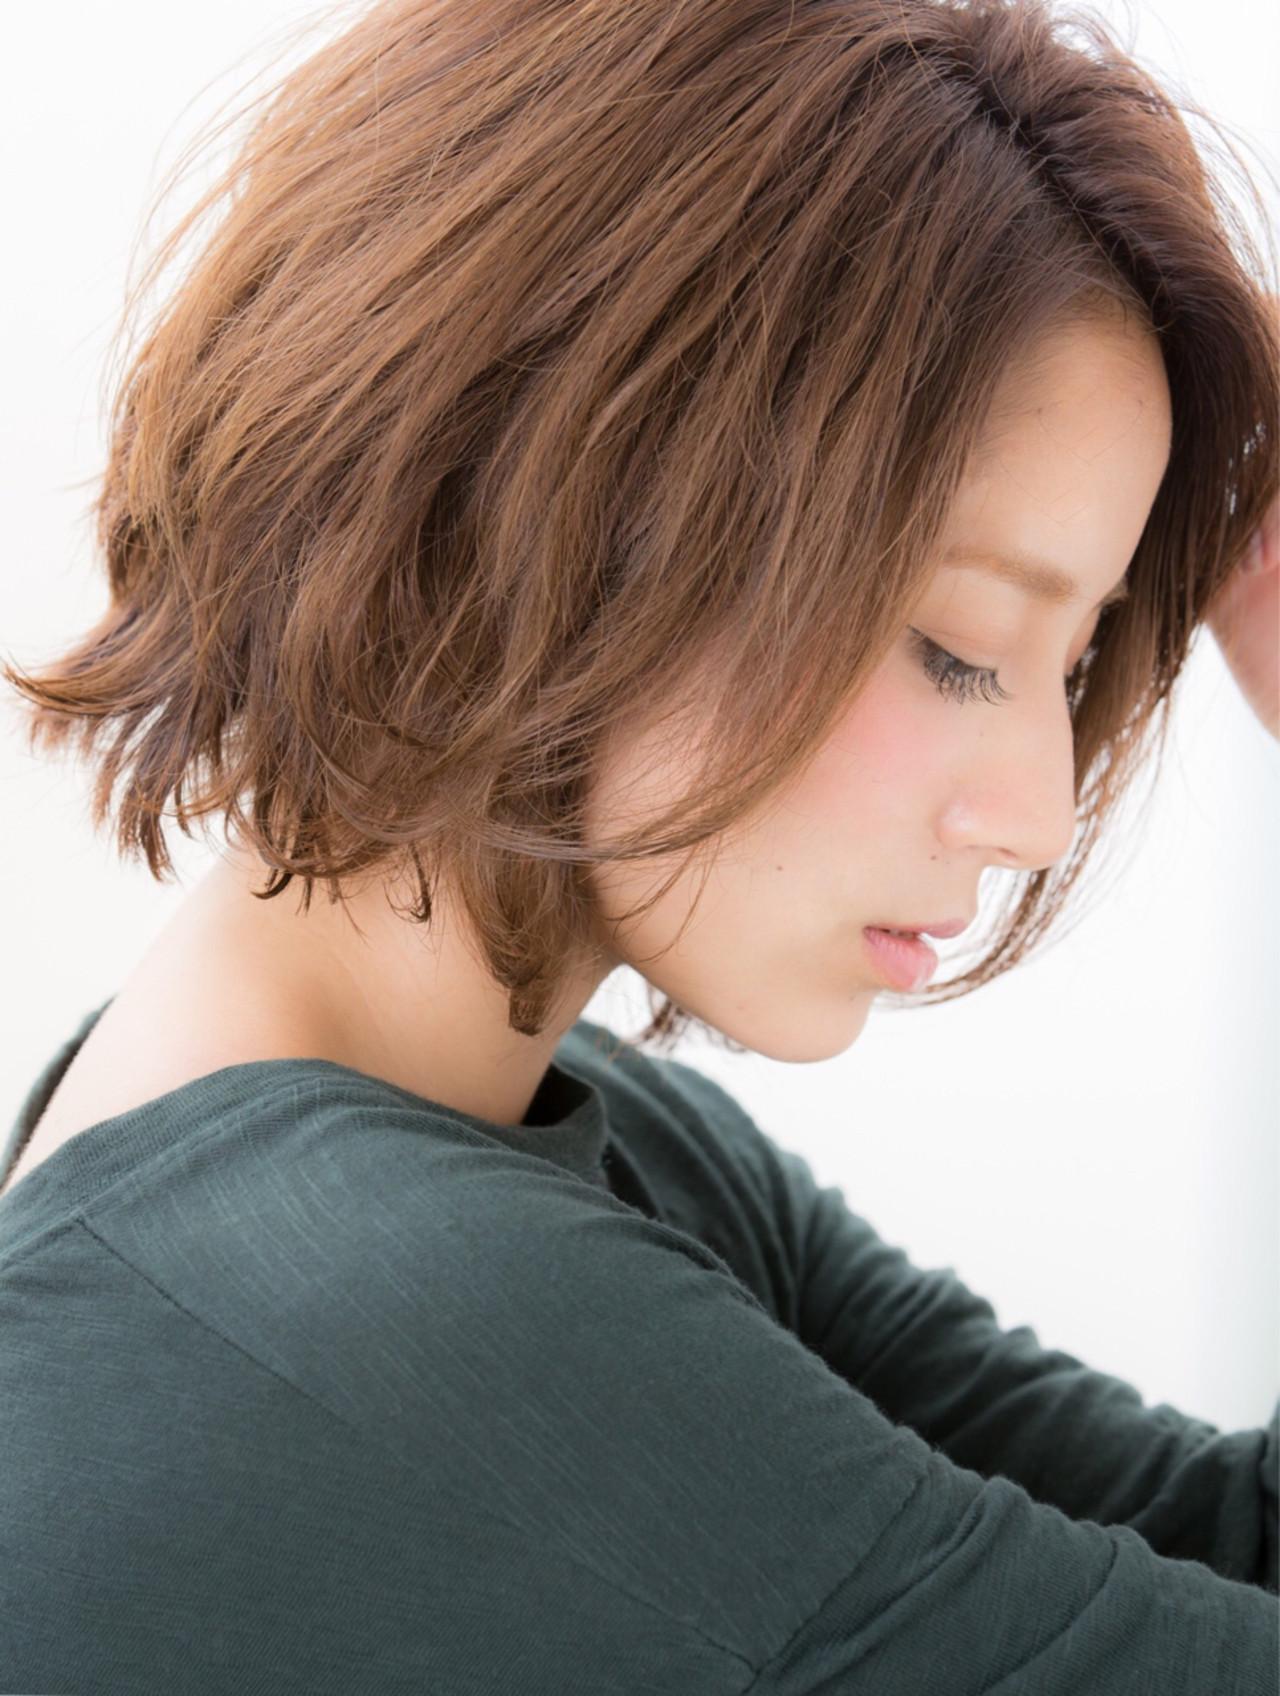 【2017春夏トレンド】大人かわいい最新ショートボブ10選 宮本 誉志成